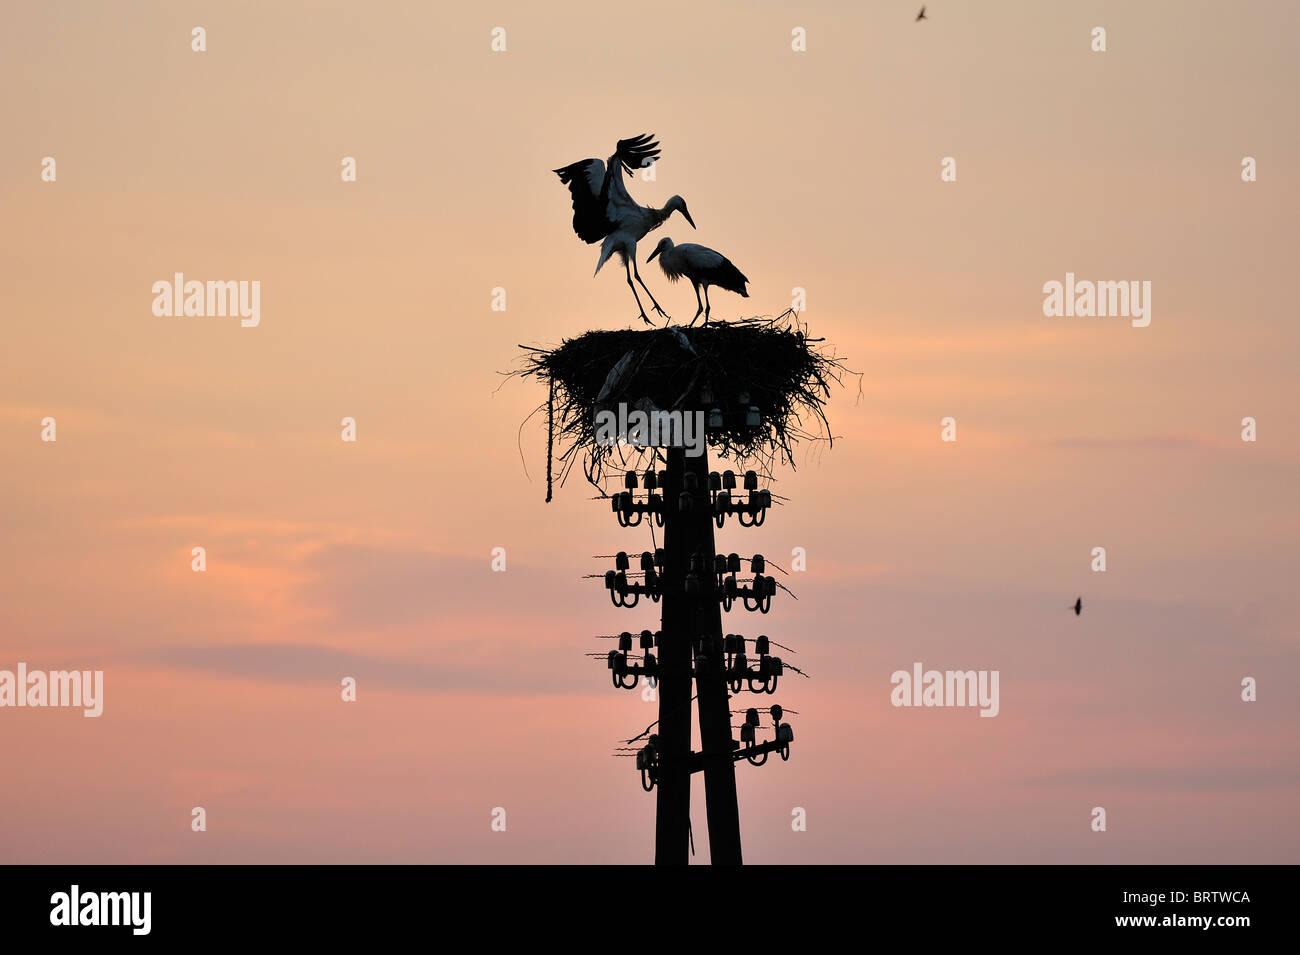 Storks stork in the Biebrza River Reservation in Podlasie Region, Poland Stock Photo